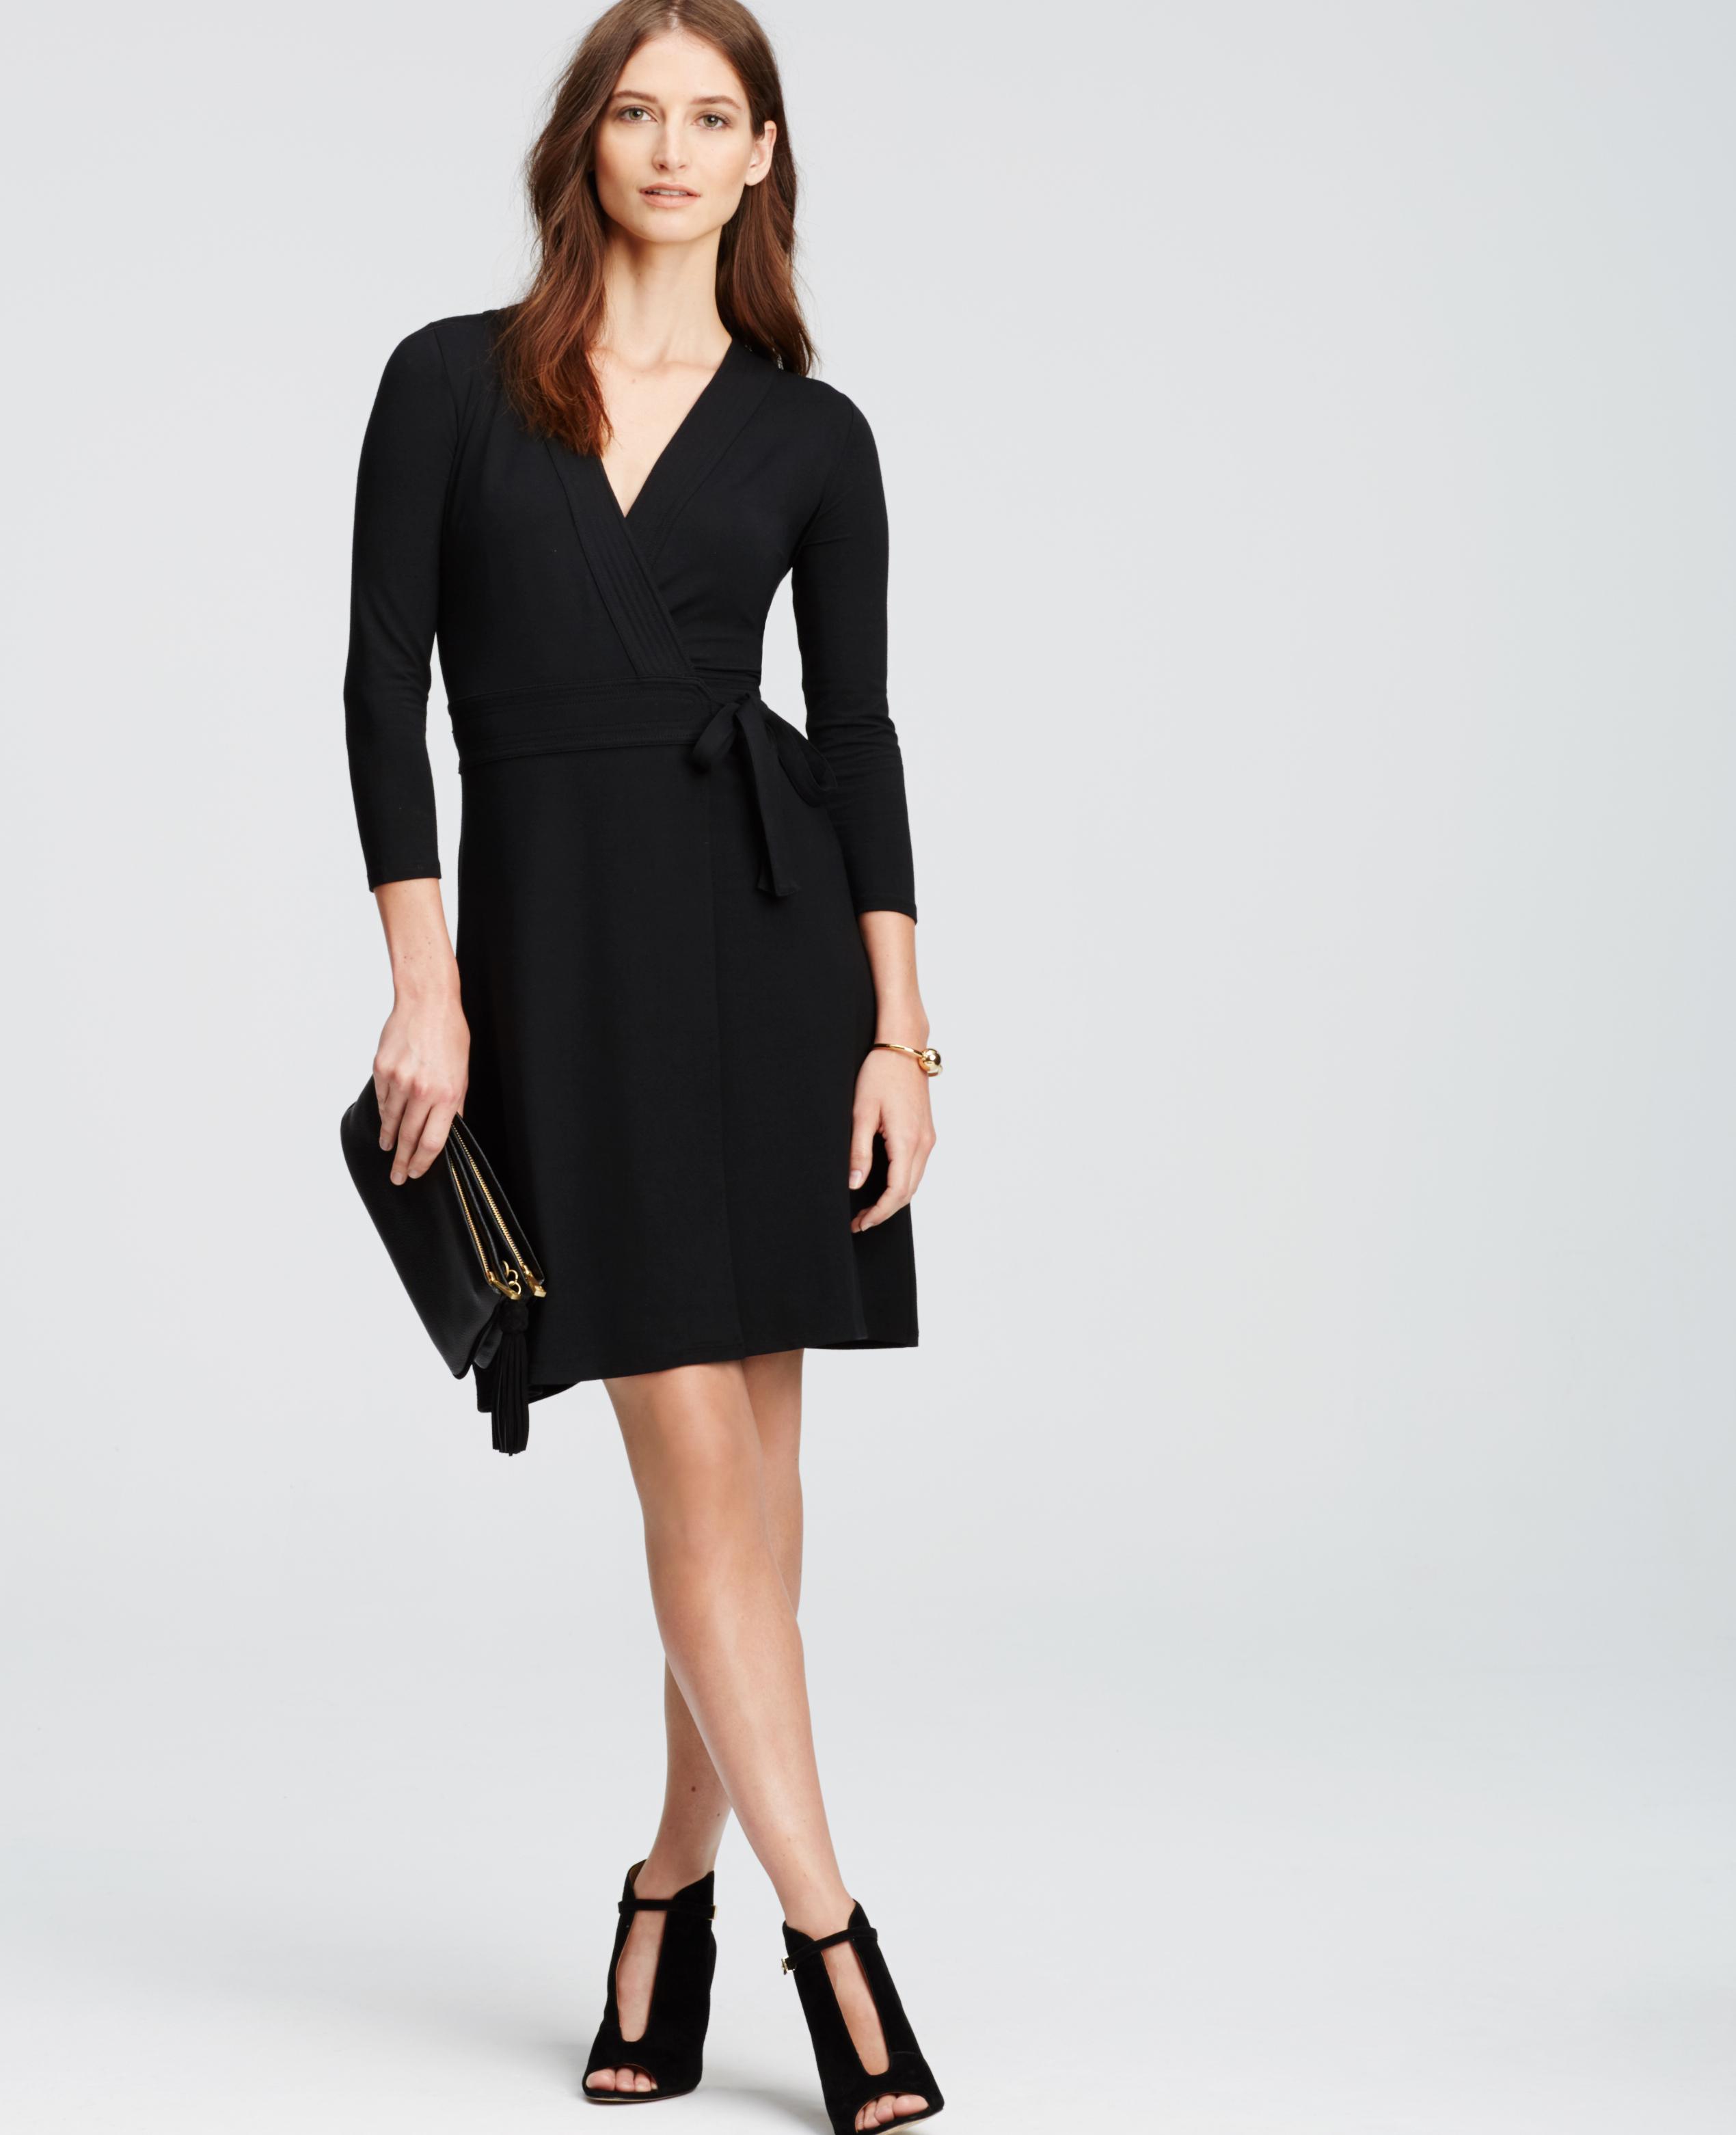 f41bf9af4f Ann Taylor Petite 3 4 Sleeve Wrap Dress in Black - Lyst